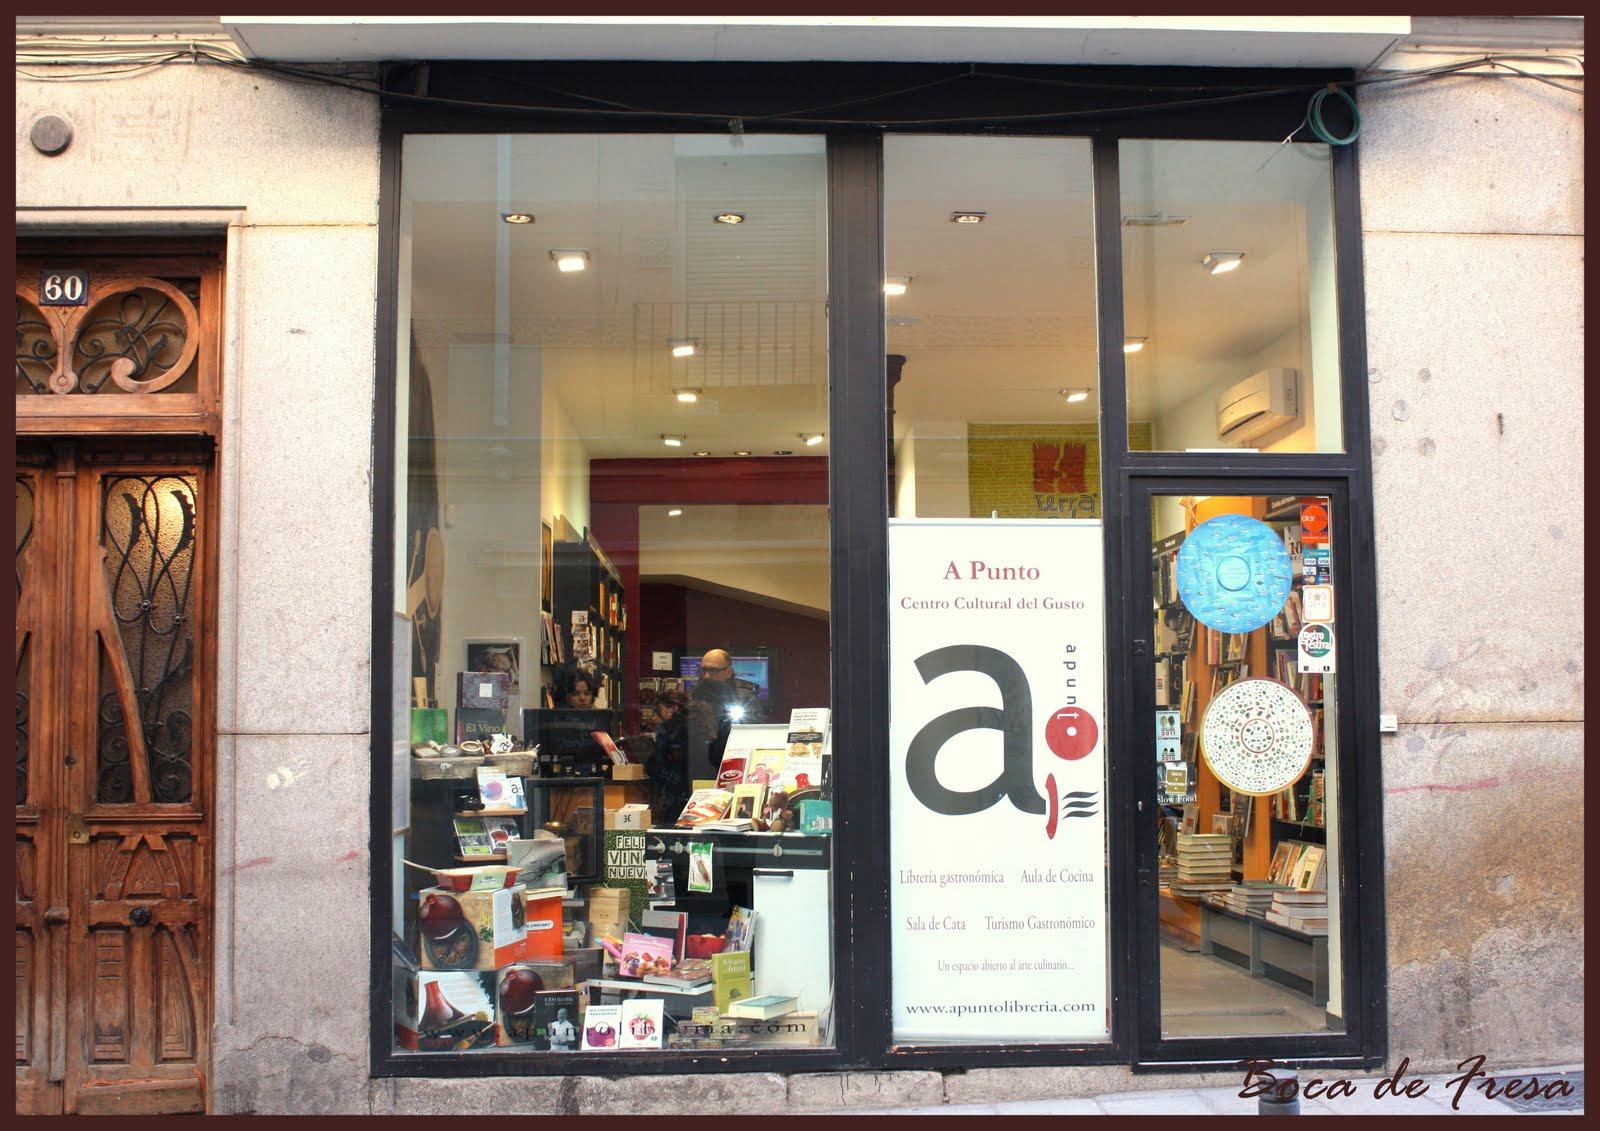 Boca de fresa librer a gastron mica a punto - Libreria gastronomica madrid ...